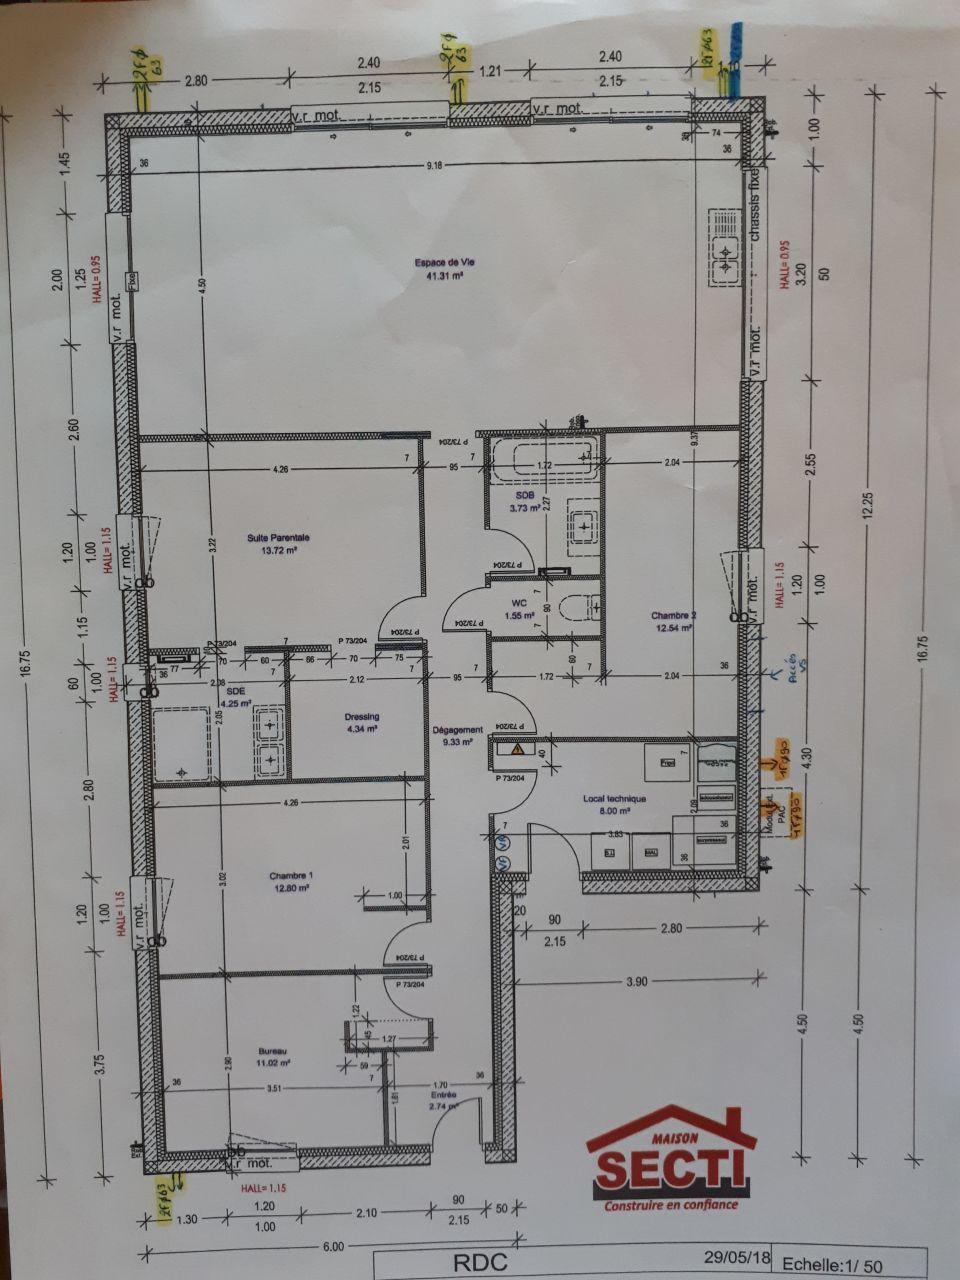 plan de la maison que j'avais dessiné, mis sur plan technique par MAISON SECTI, respect à 100% de ce que j'avais dessiné, cela a été un dès critères important de choix de ce constructeur ainsi que le prix.